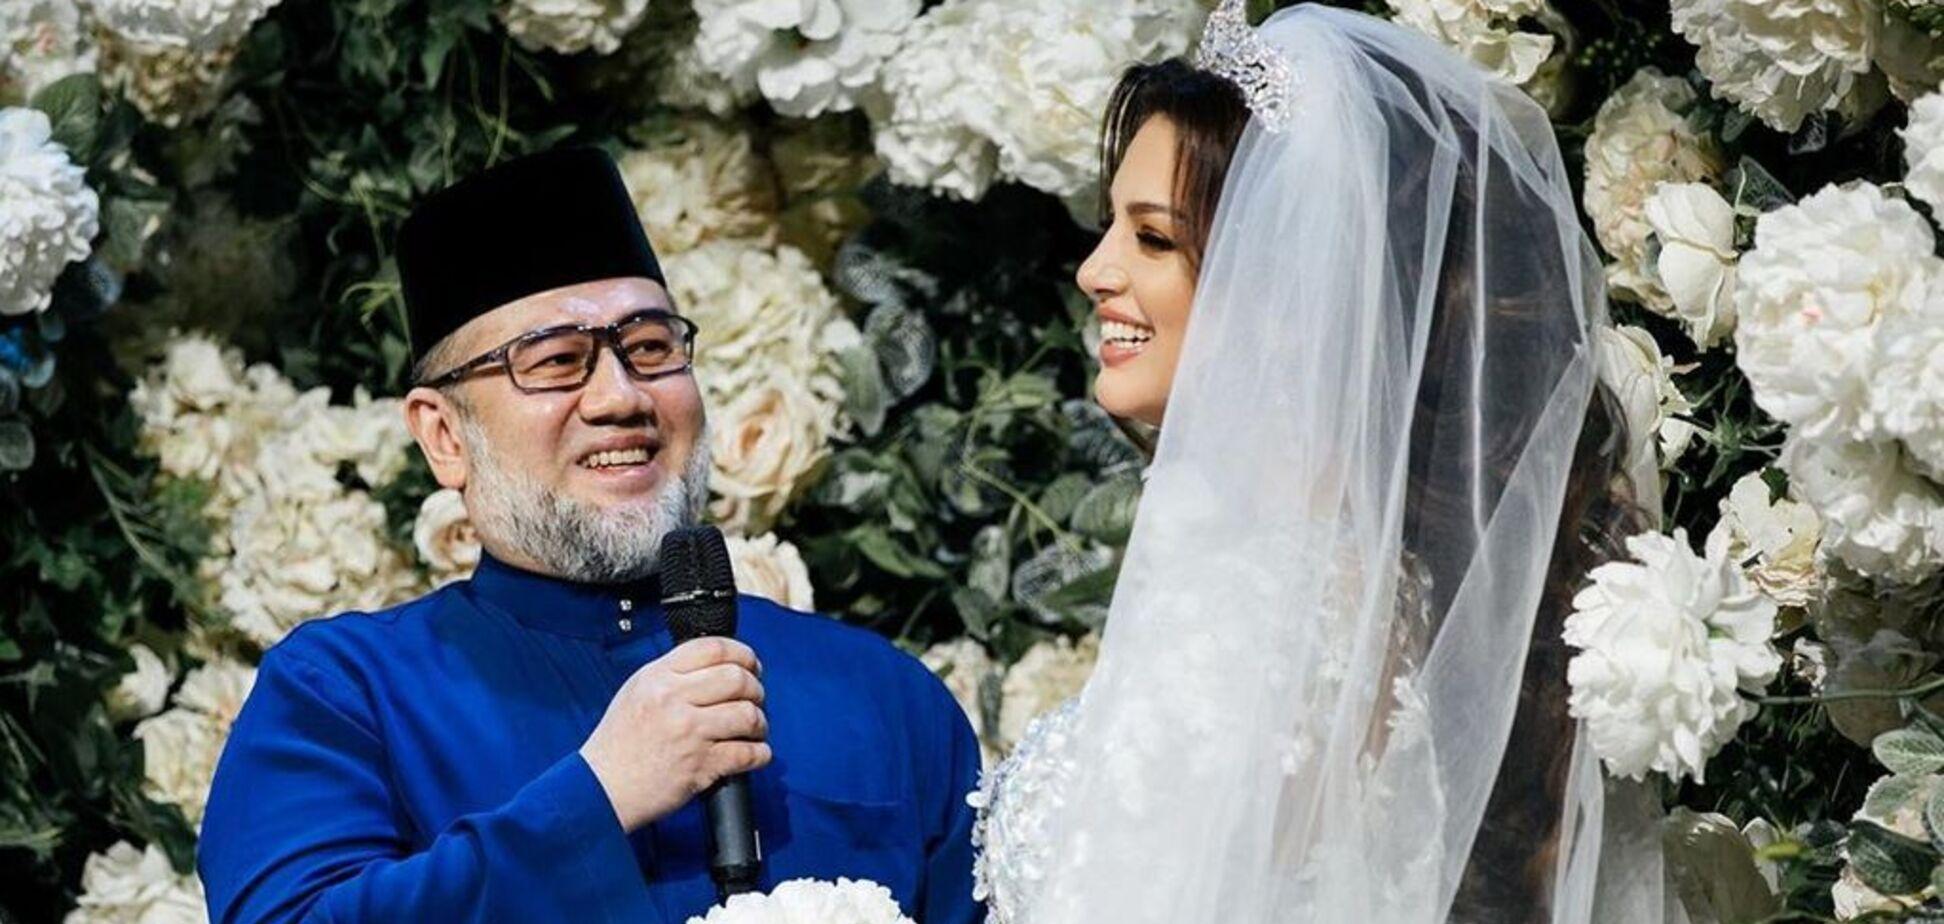 Міс Москва 2015 народила спадкоємця королю Малайзії: перше фото малюка